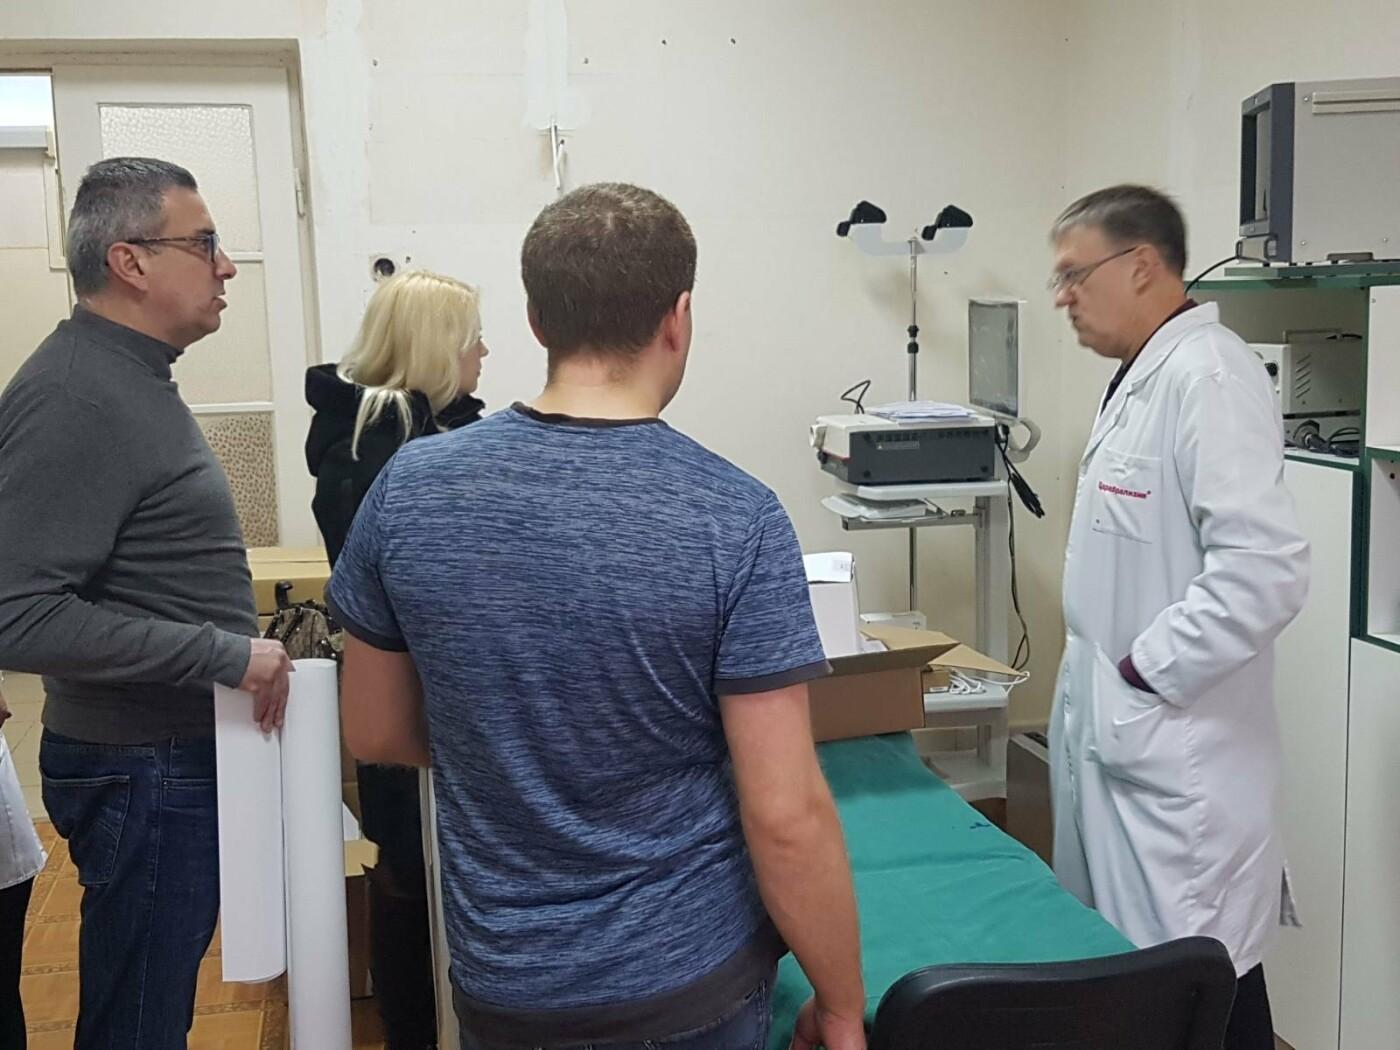 В ужгородському Центрі легеневих хвороб з'явився сучасний відеобронхоскоп (ФОТО, ВІДЕО), фото-3